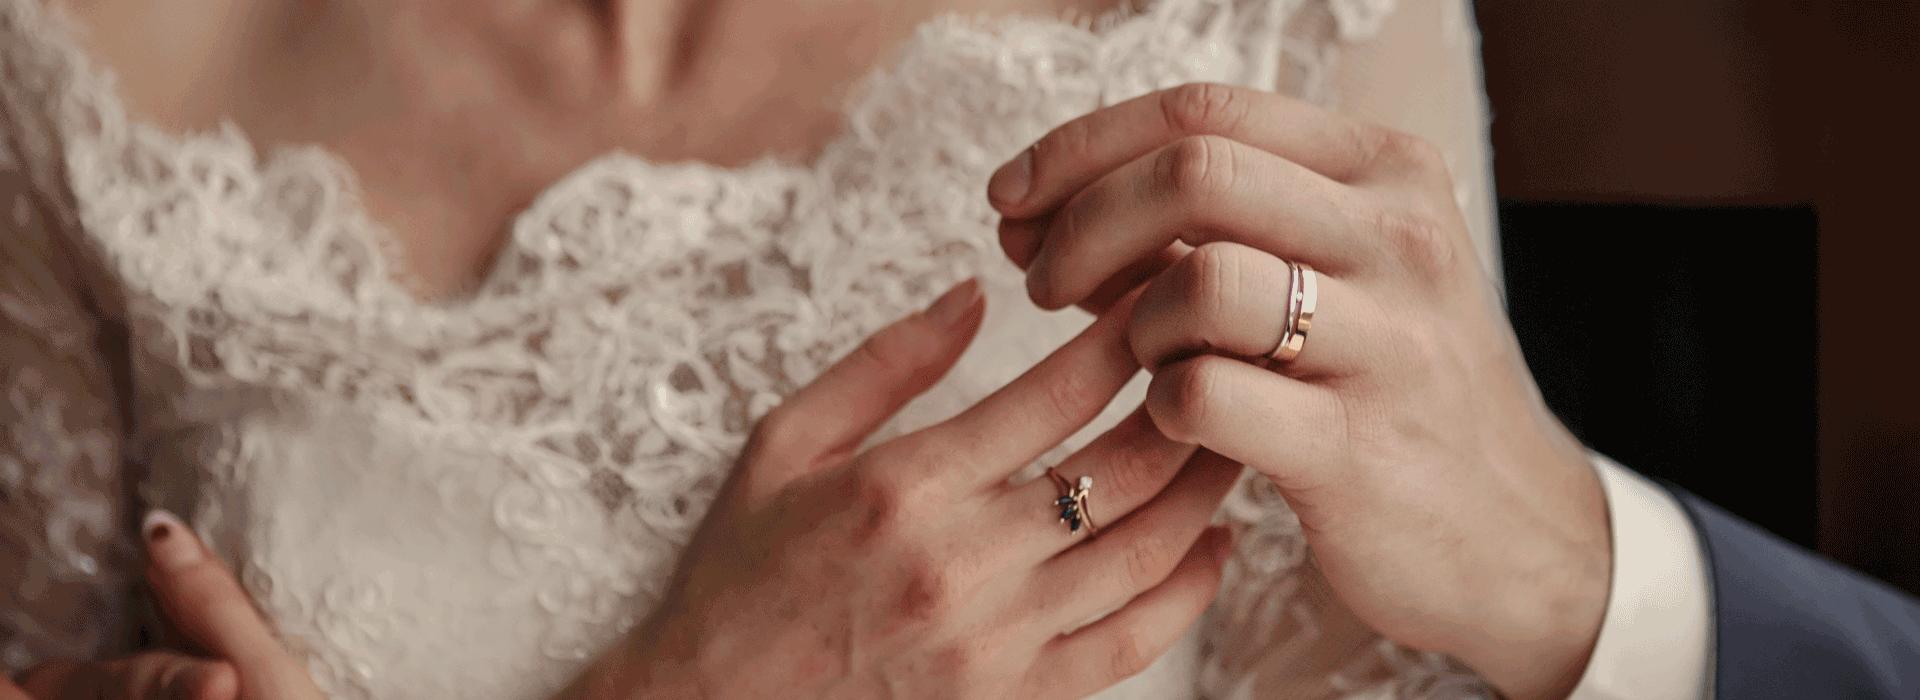 婚姻是愛情的墳墓?